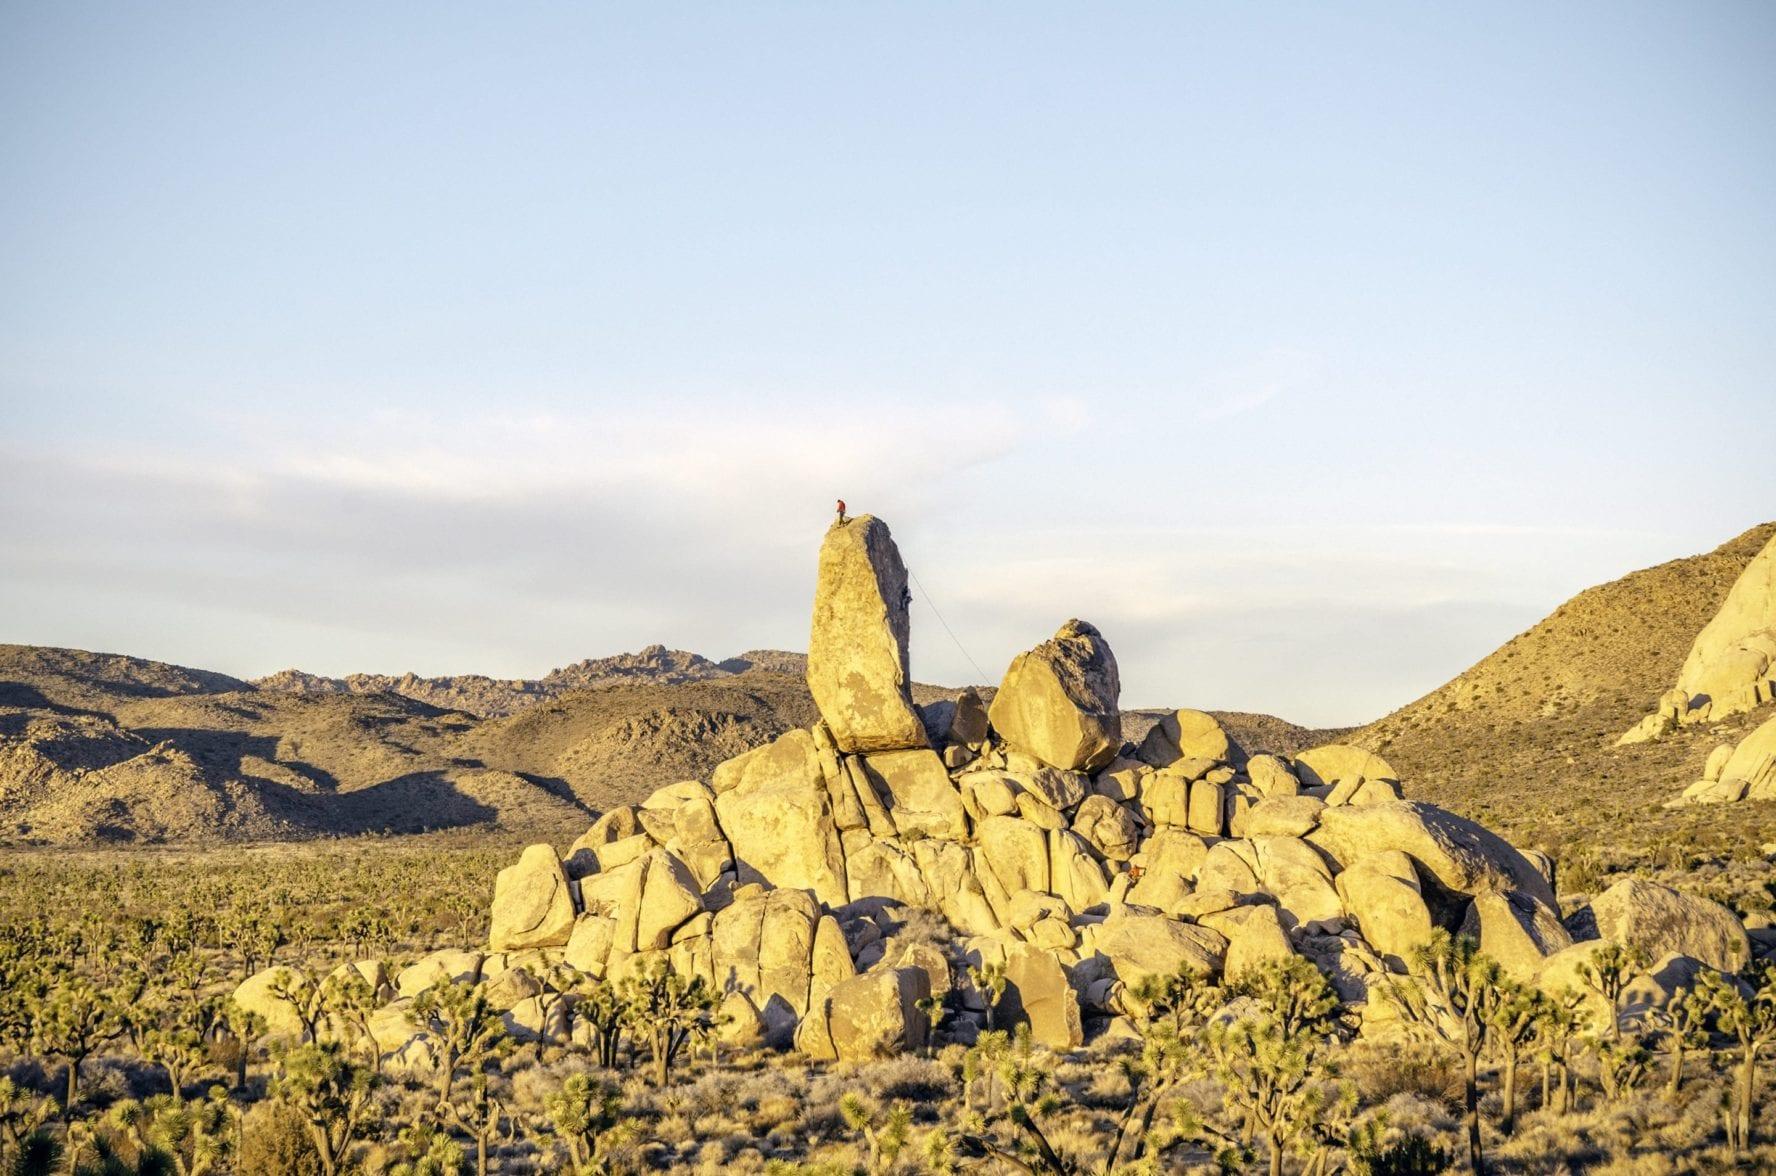 Headstone Rock in Joshua Tree